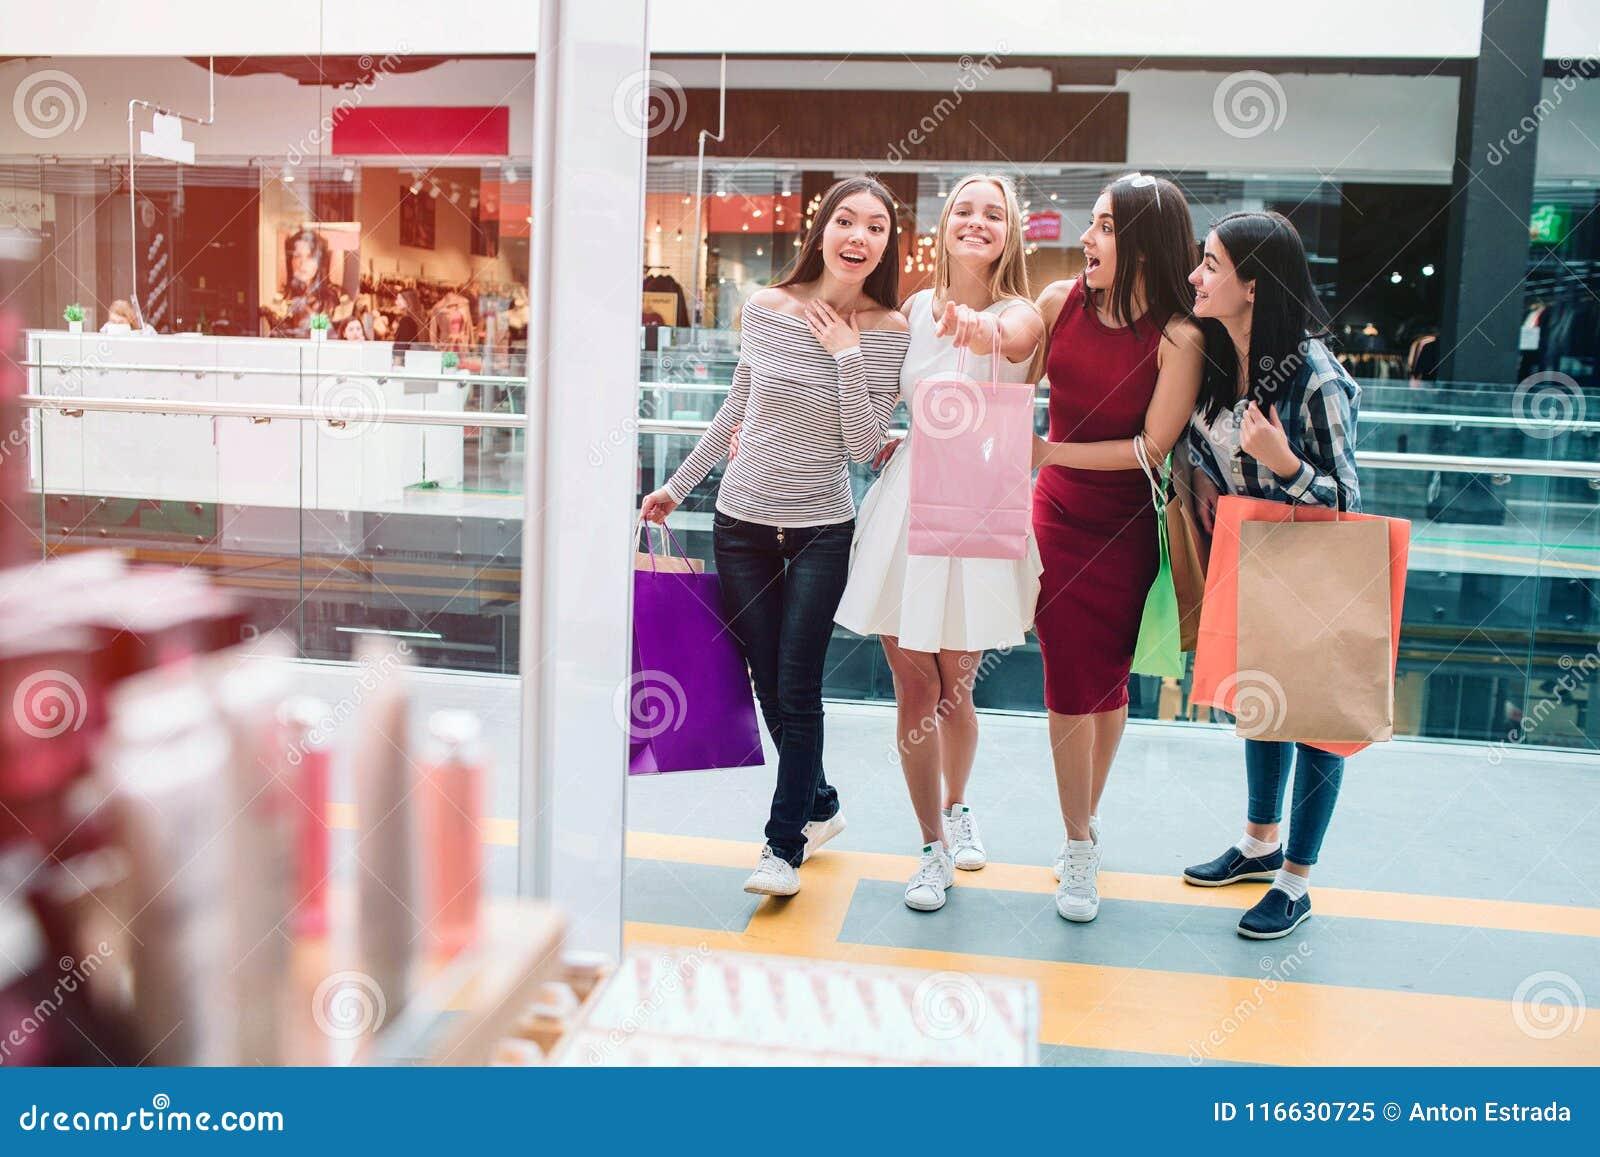 Белокурая девушка смотрит передней и указывать Она очень excited Другие девушки смотрят в таком же направлении они